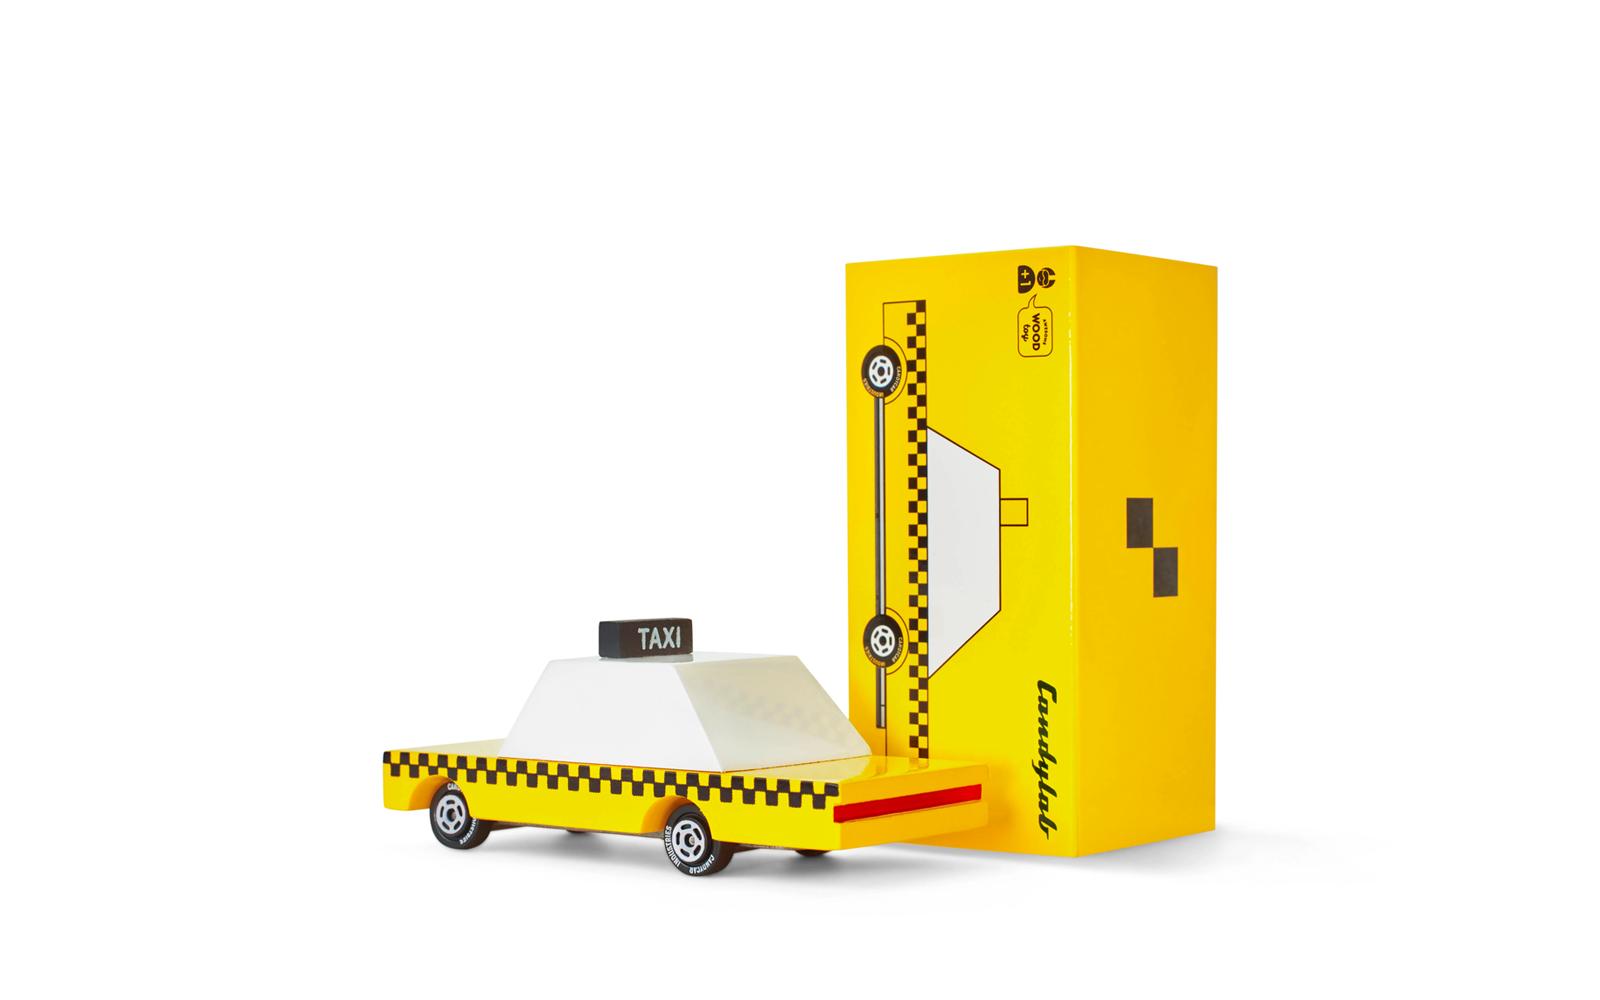 Candycar - taxi jaune